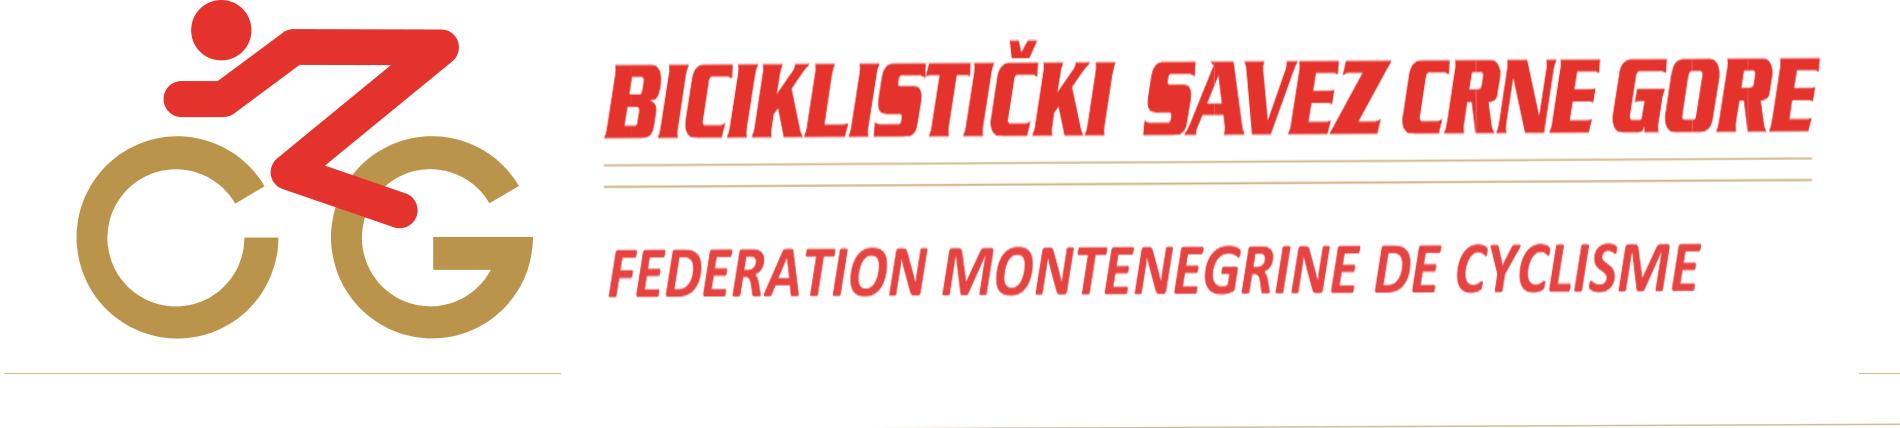 Logo biciklistickog saveza